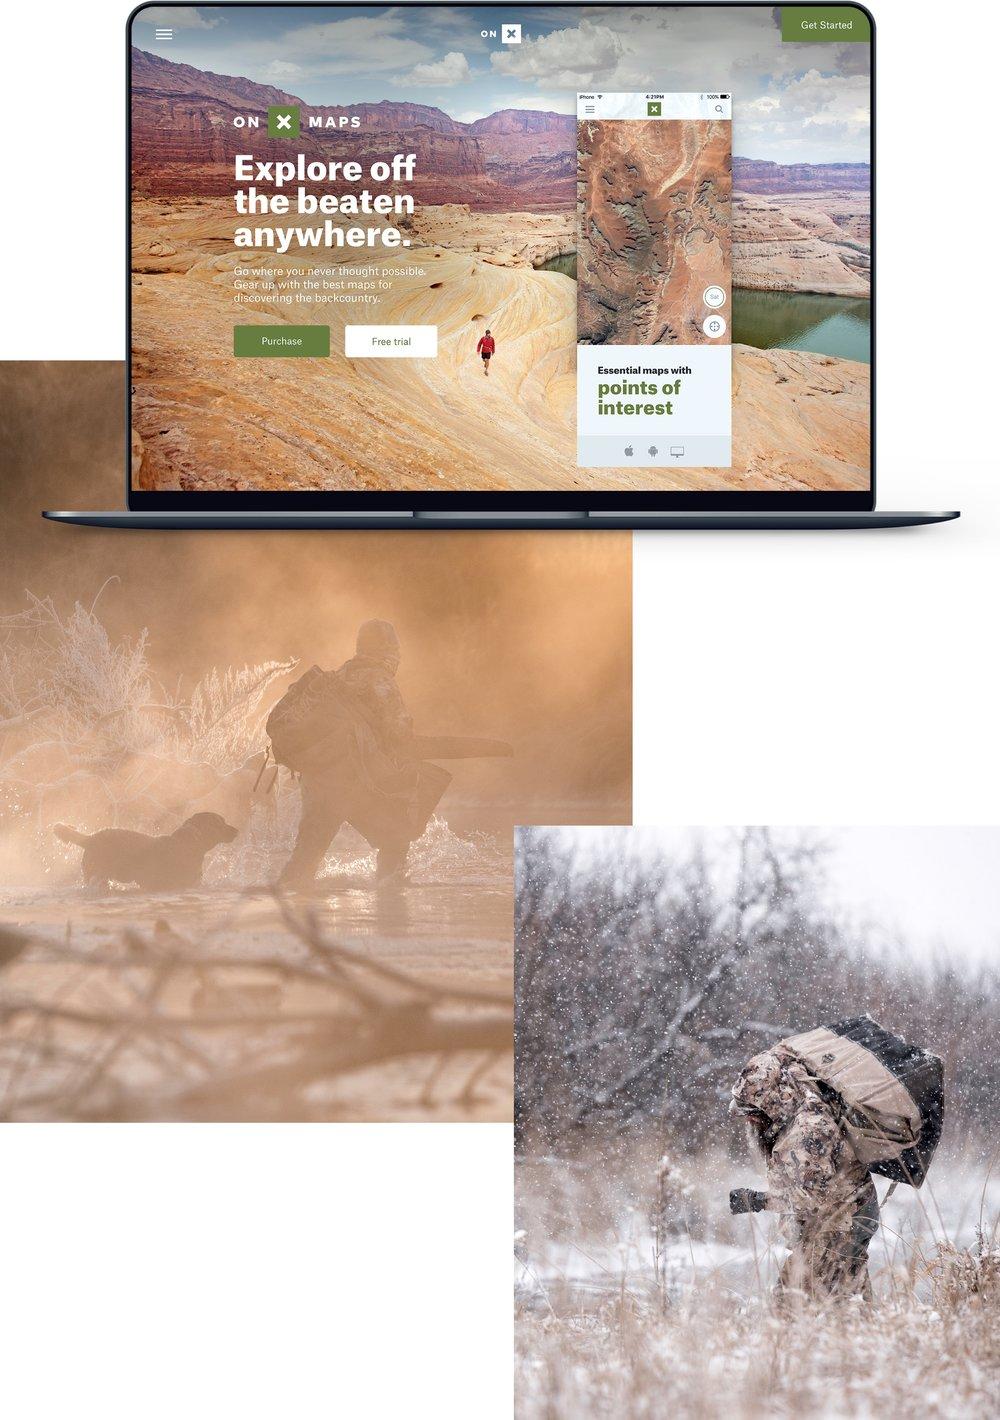 onx-homepage.jpg